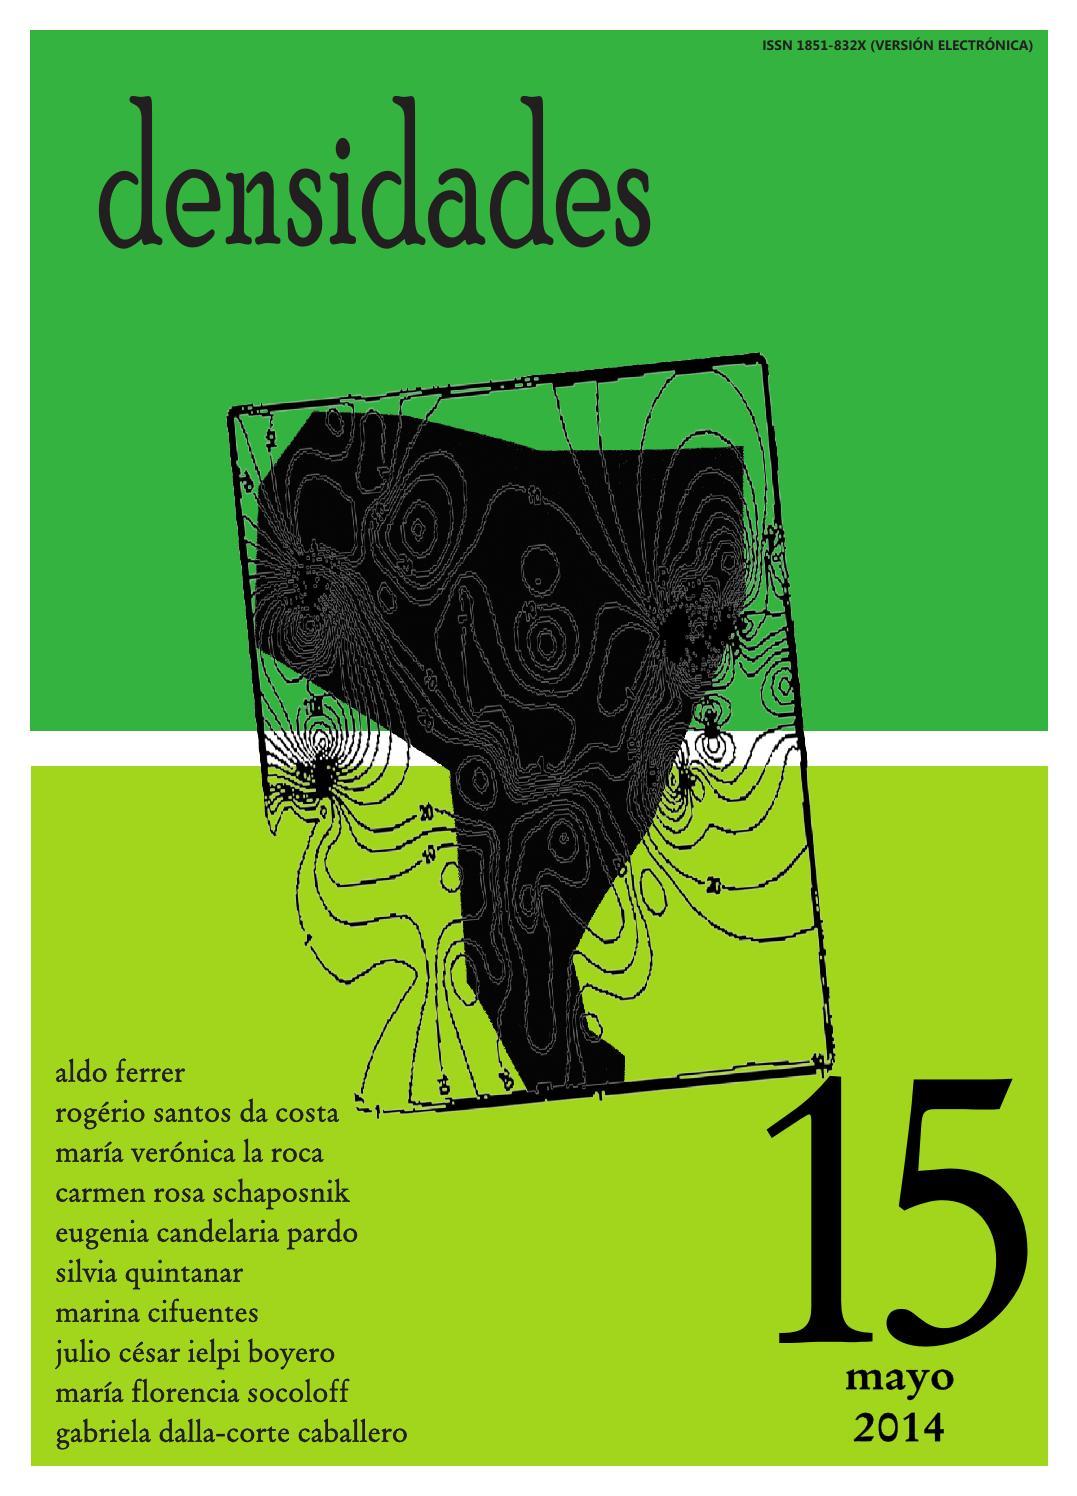 Densidades n°15 by Revista Densidades - issuu